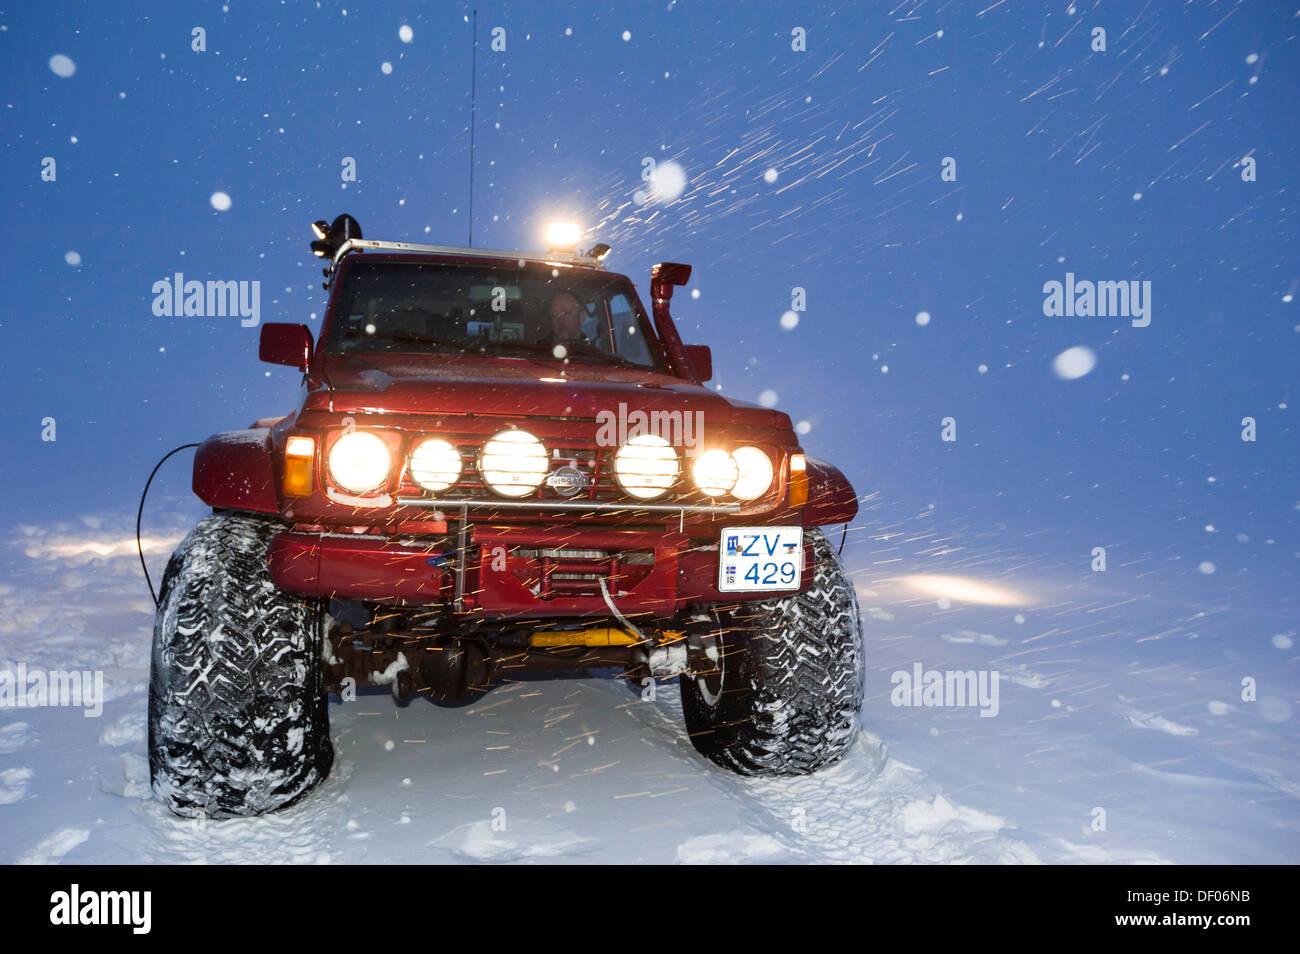 Super Jeep en una tormenta de nieve, paisaje de invierno, el Glaciar Vatnajoekull, tierras altas de Islandia, Islandia, Europa Imagen De Stock